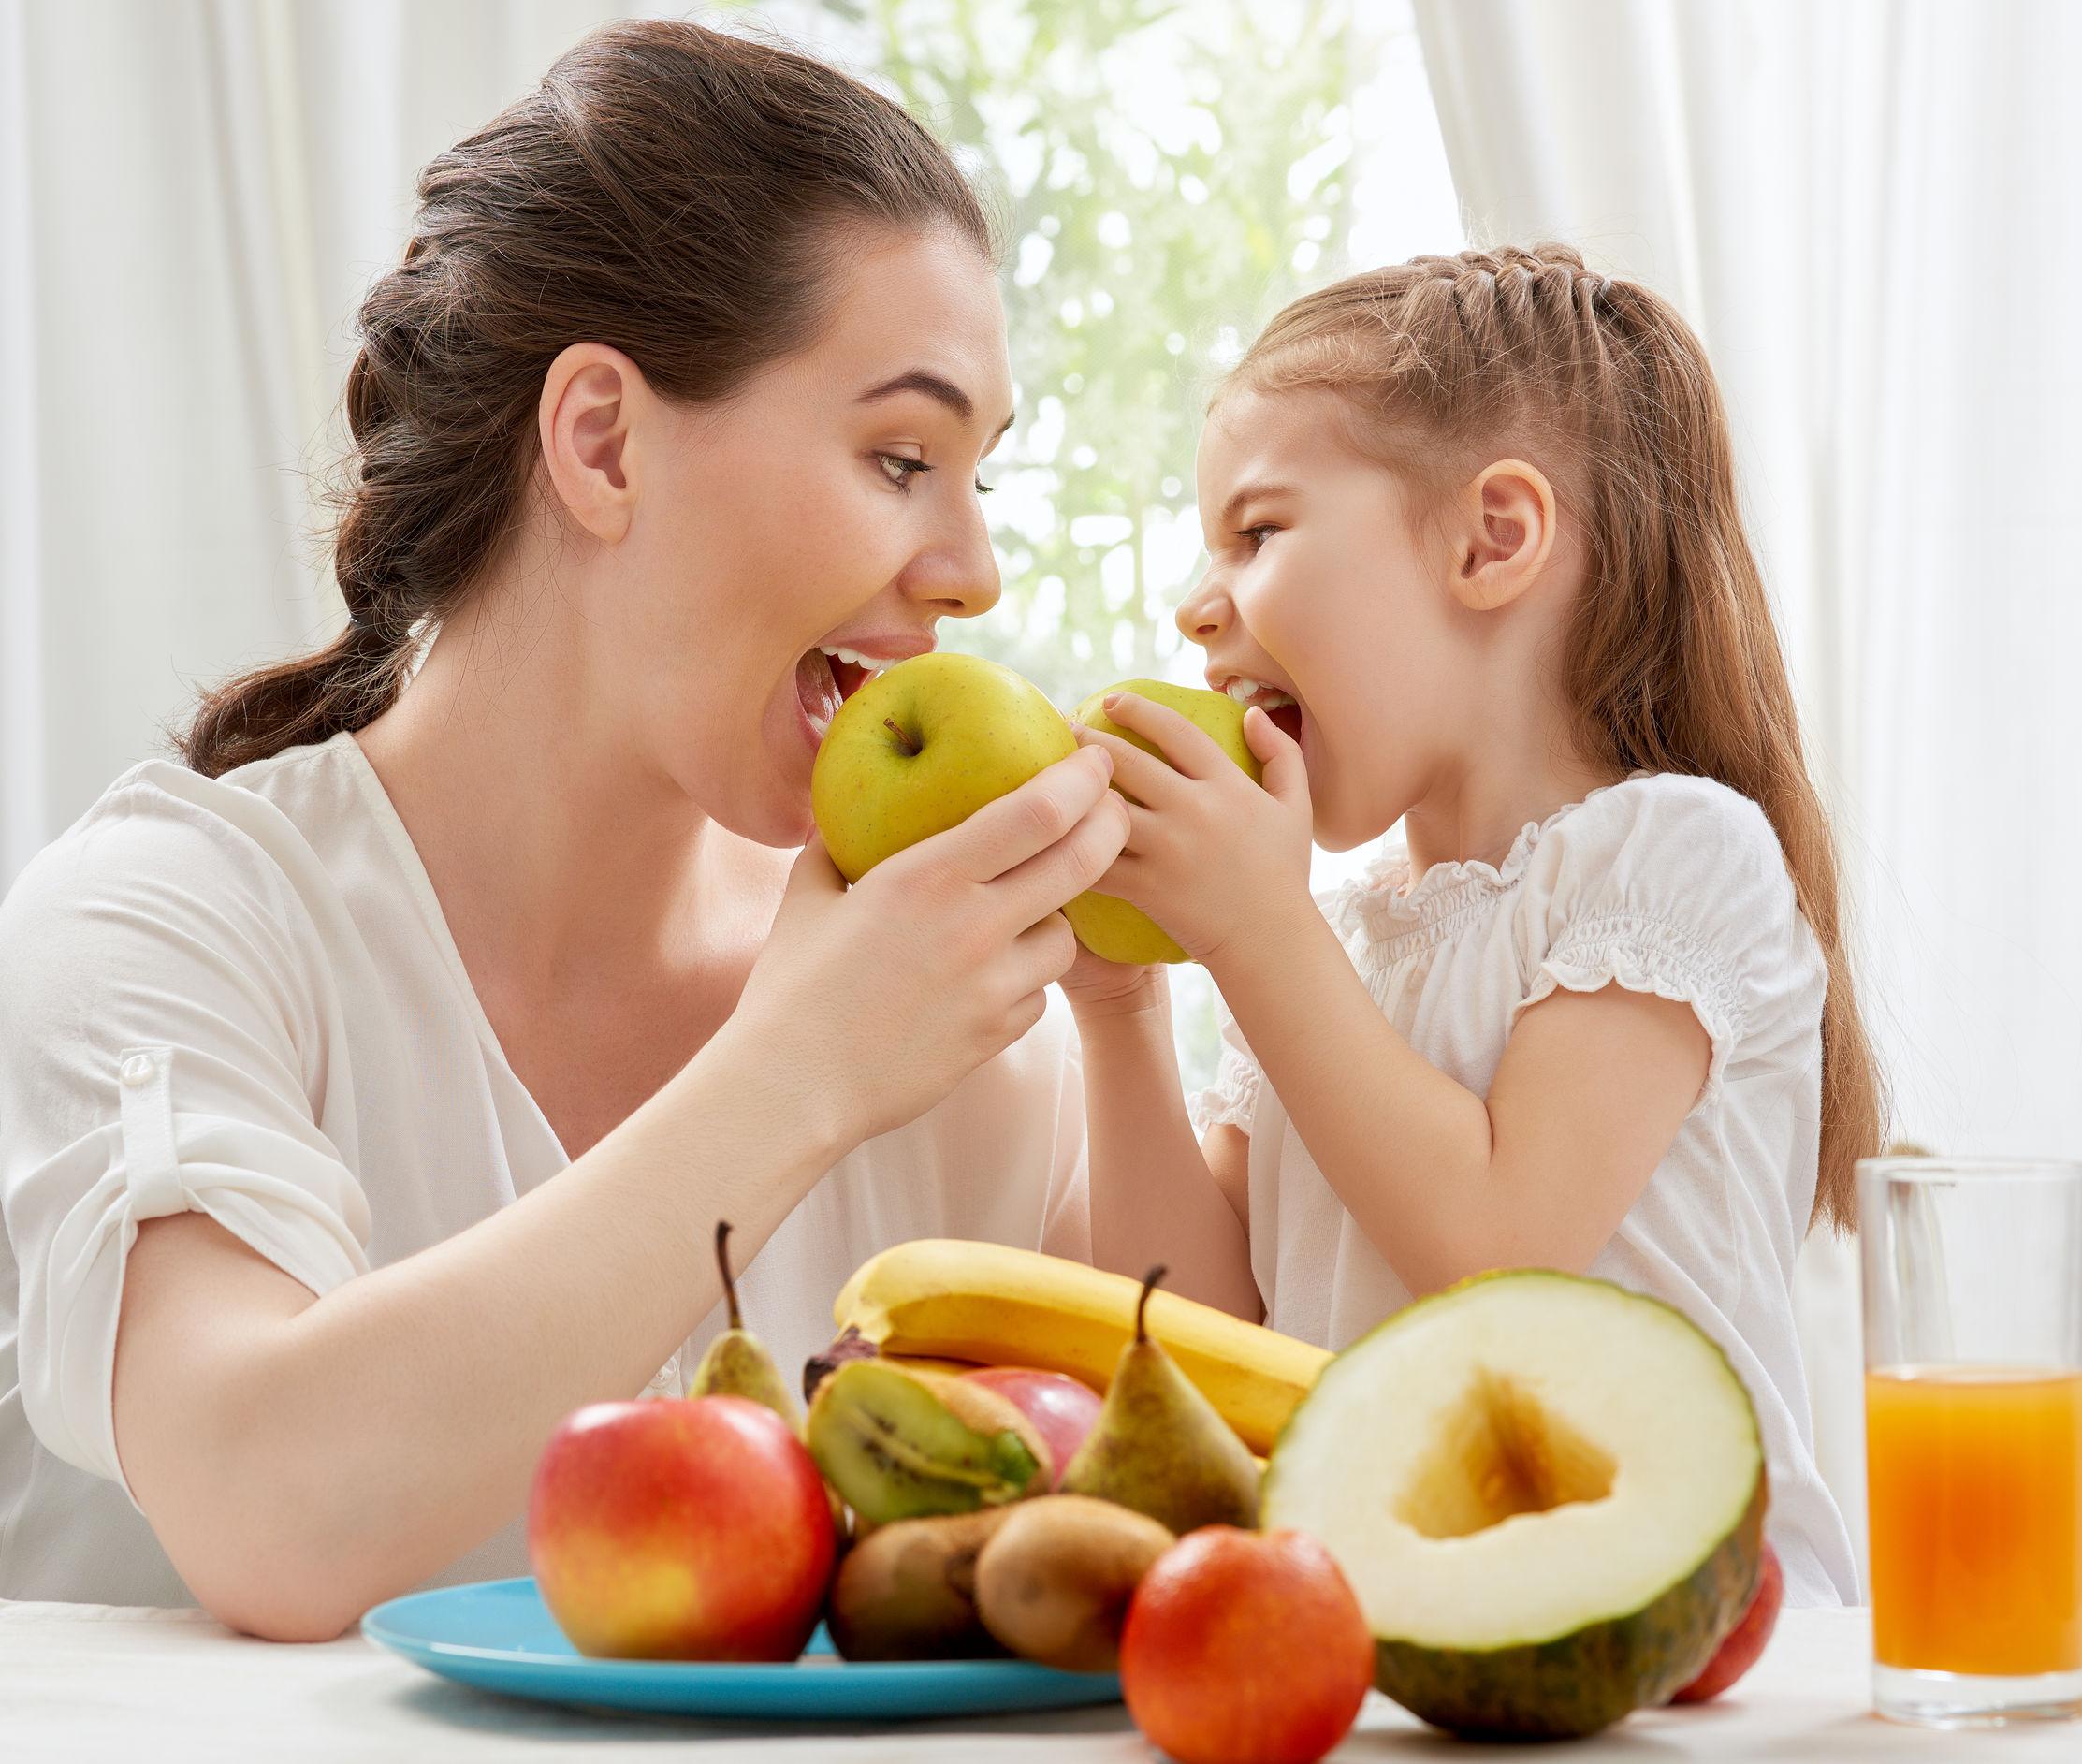 Matka s dieťaťom konzumujú jablko